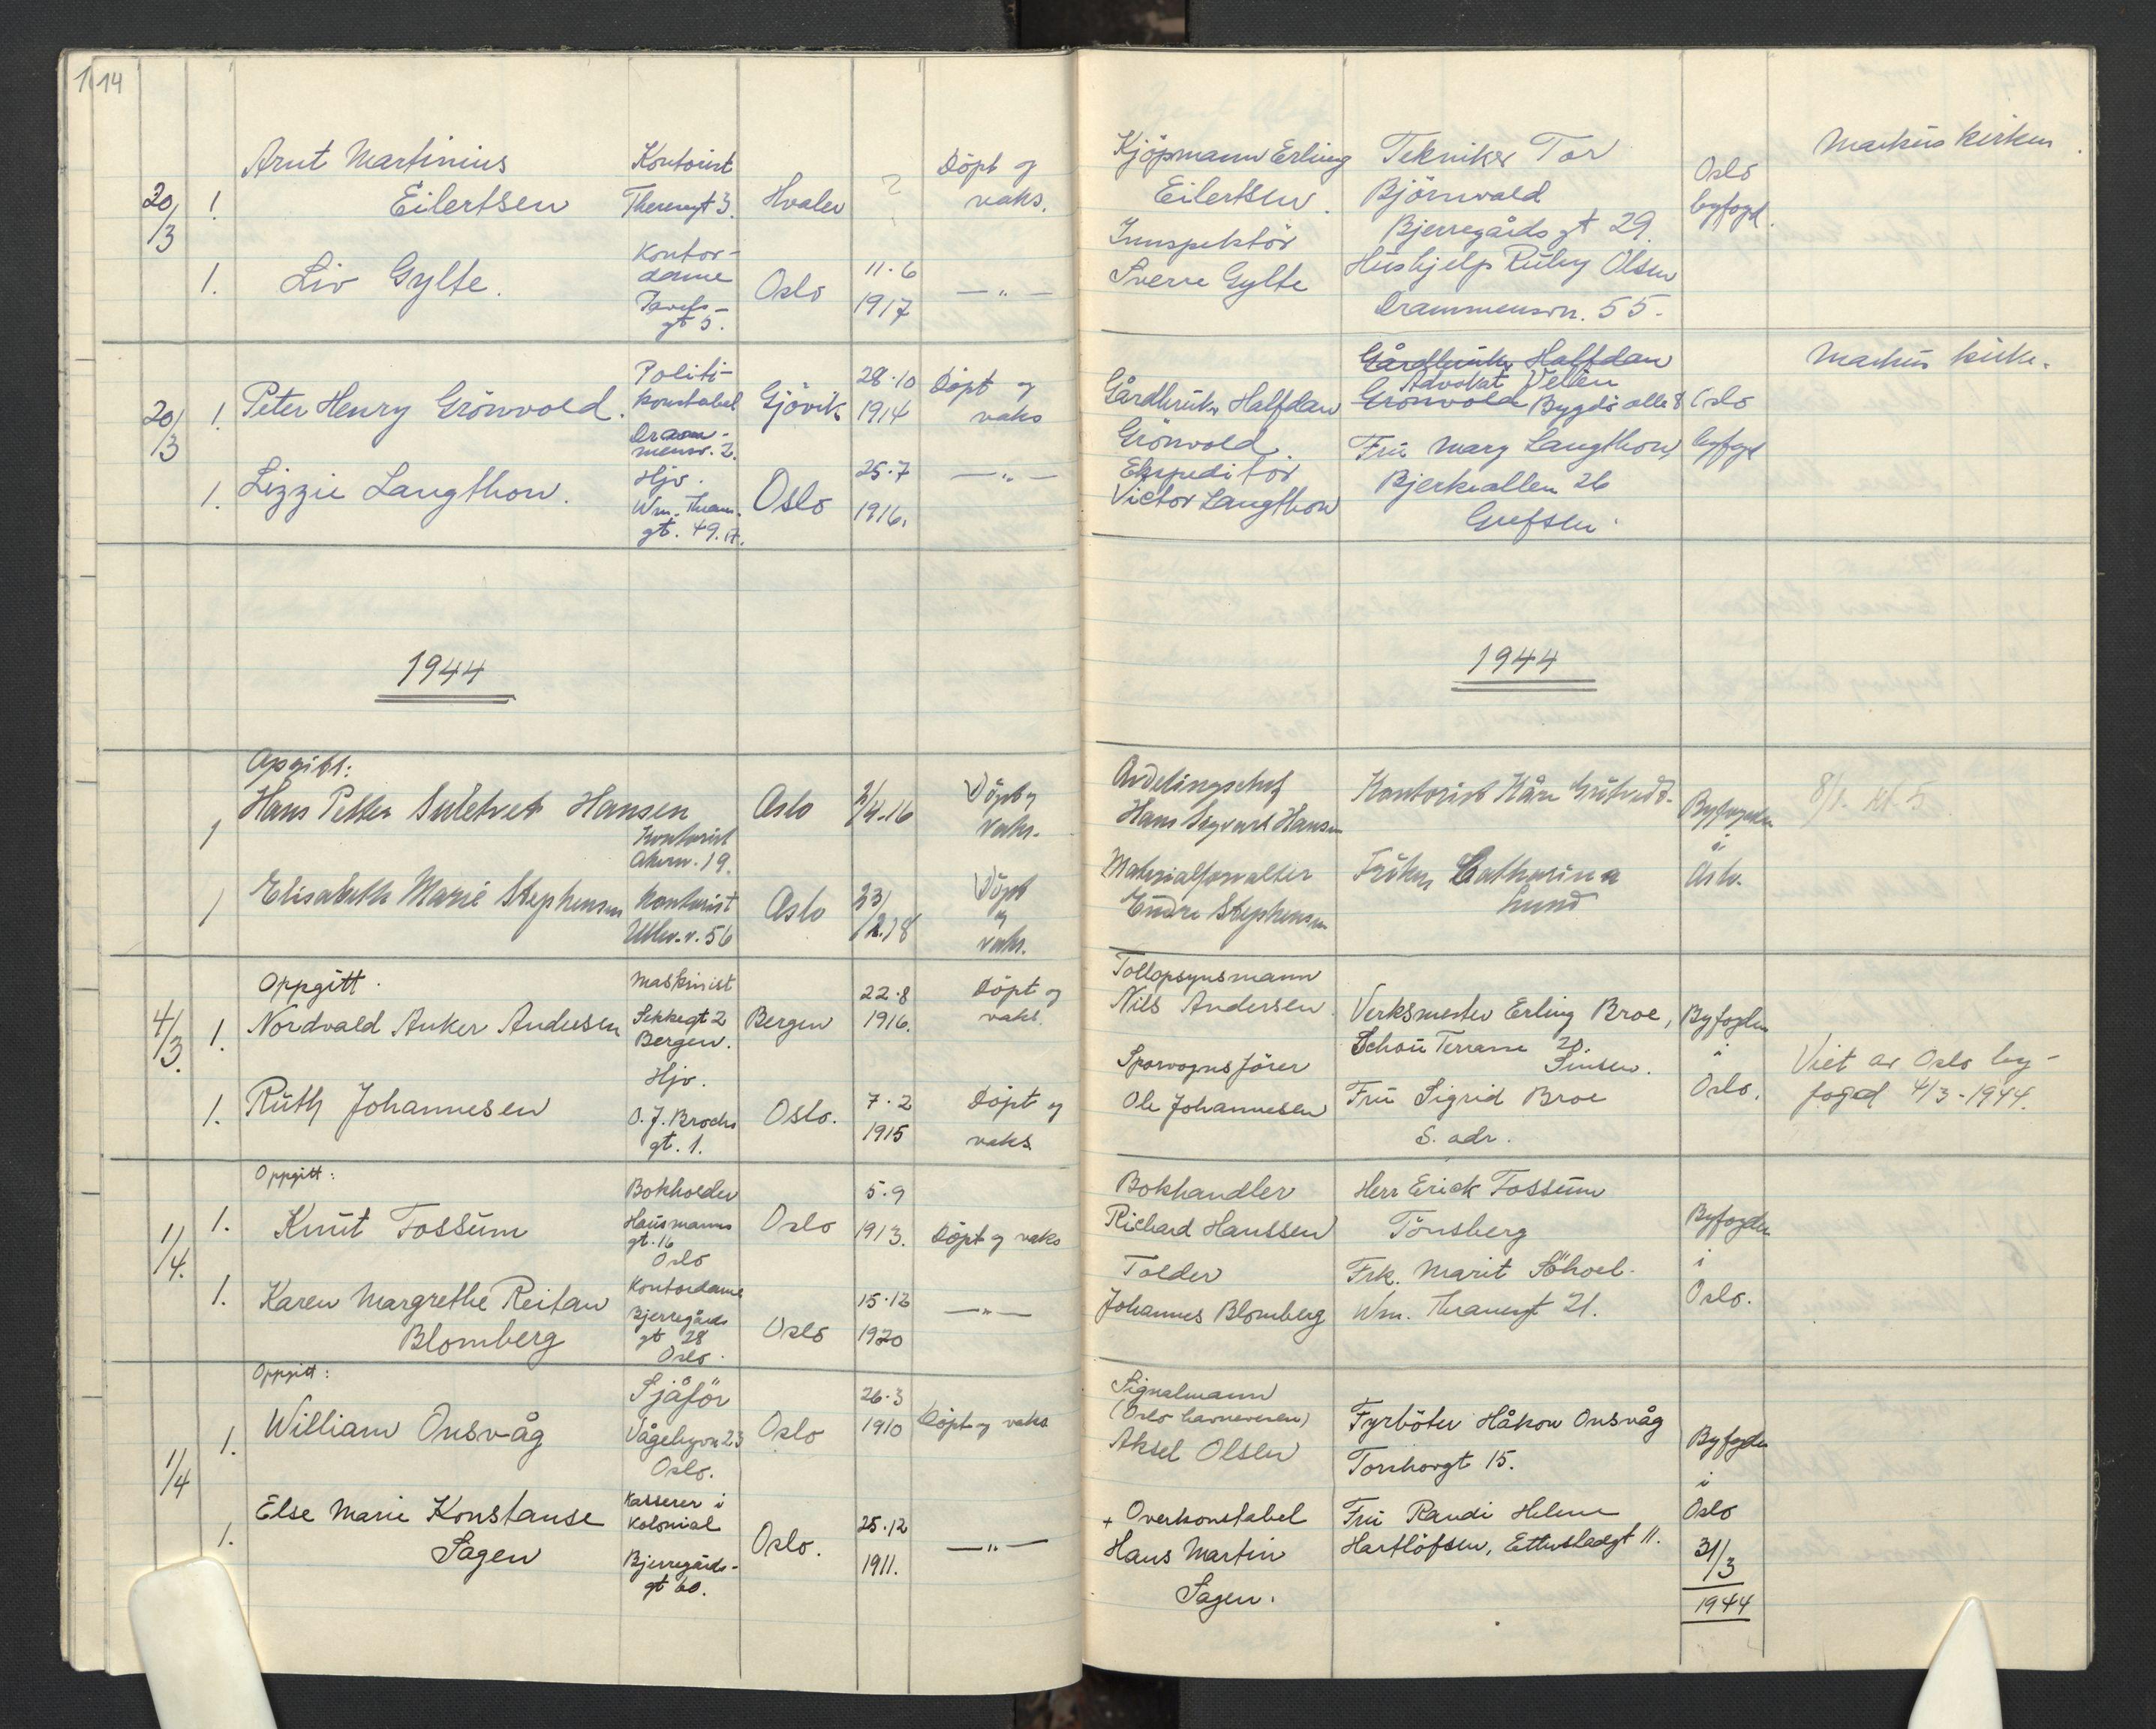 SAO, Gamle Aker prestekontor Kirkebøker, F/L0023: Ministerialbok nr. 23, 1942-1946, s. 14